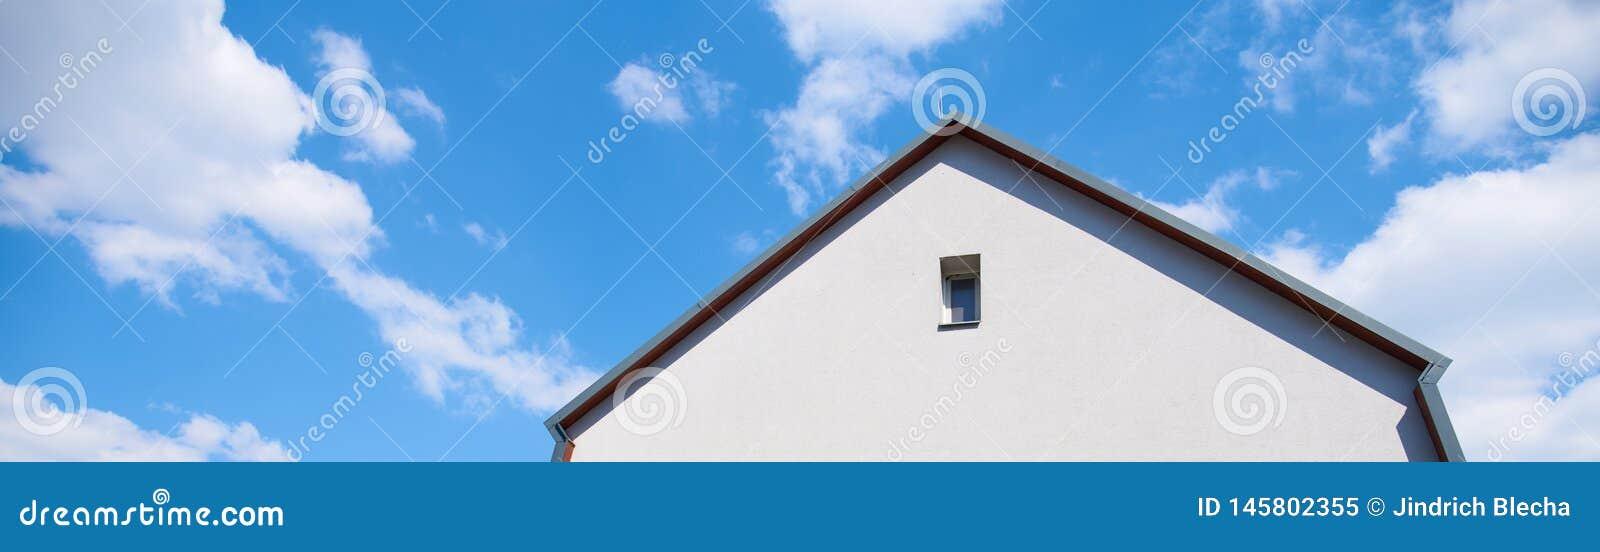 大厦,别墅,反对与白色云彩的一天空蔚蓝